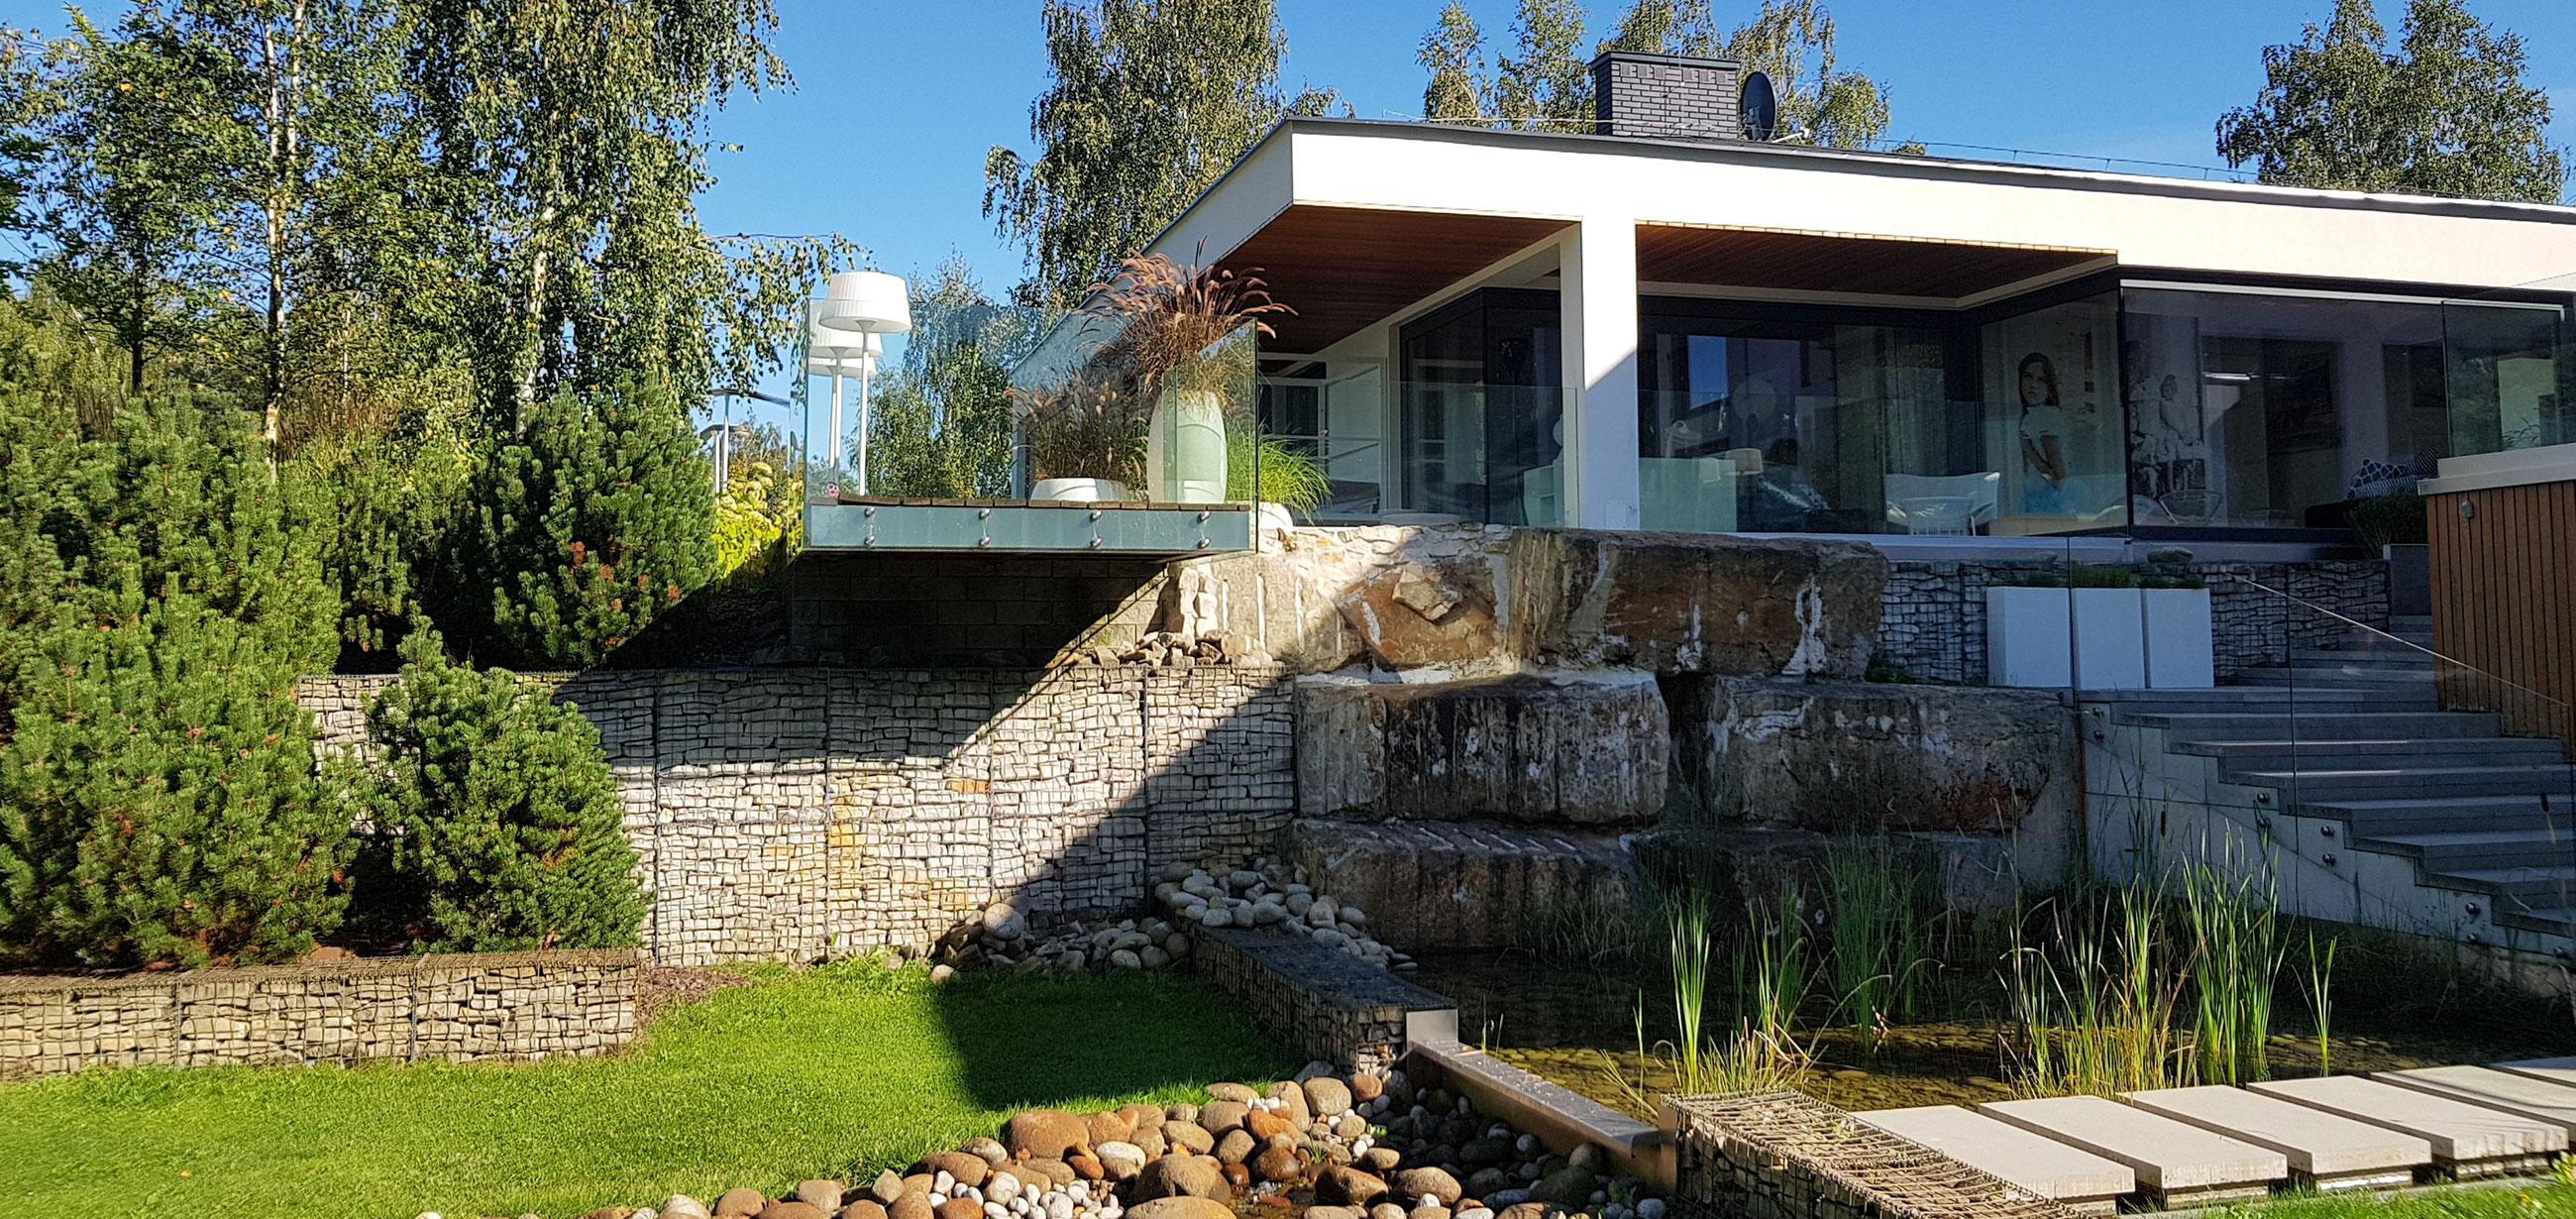 LAB-ARCHITEKCI—Architektura-1